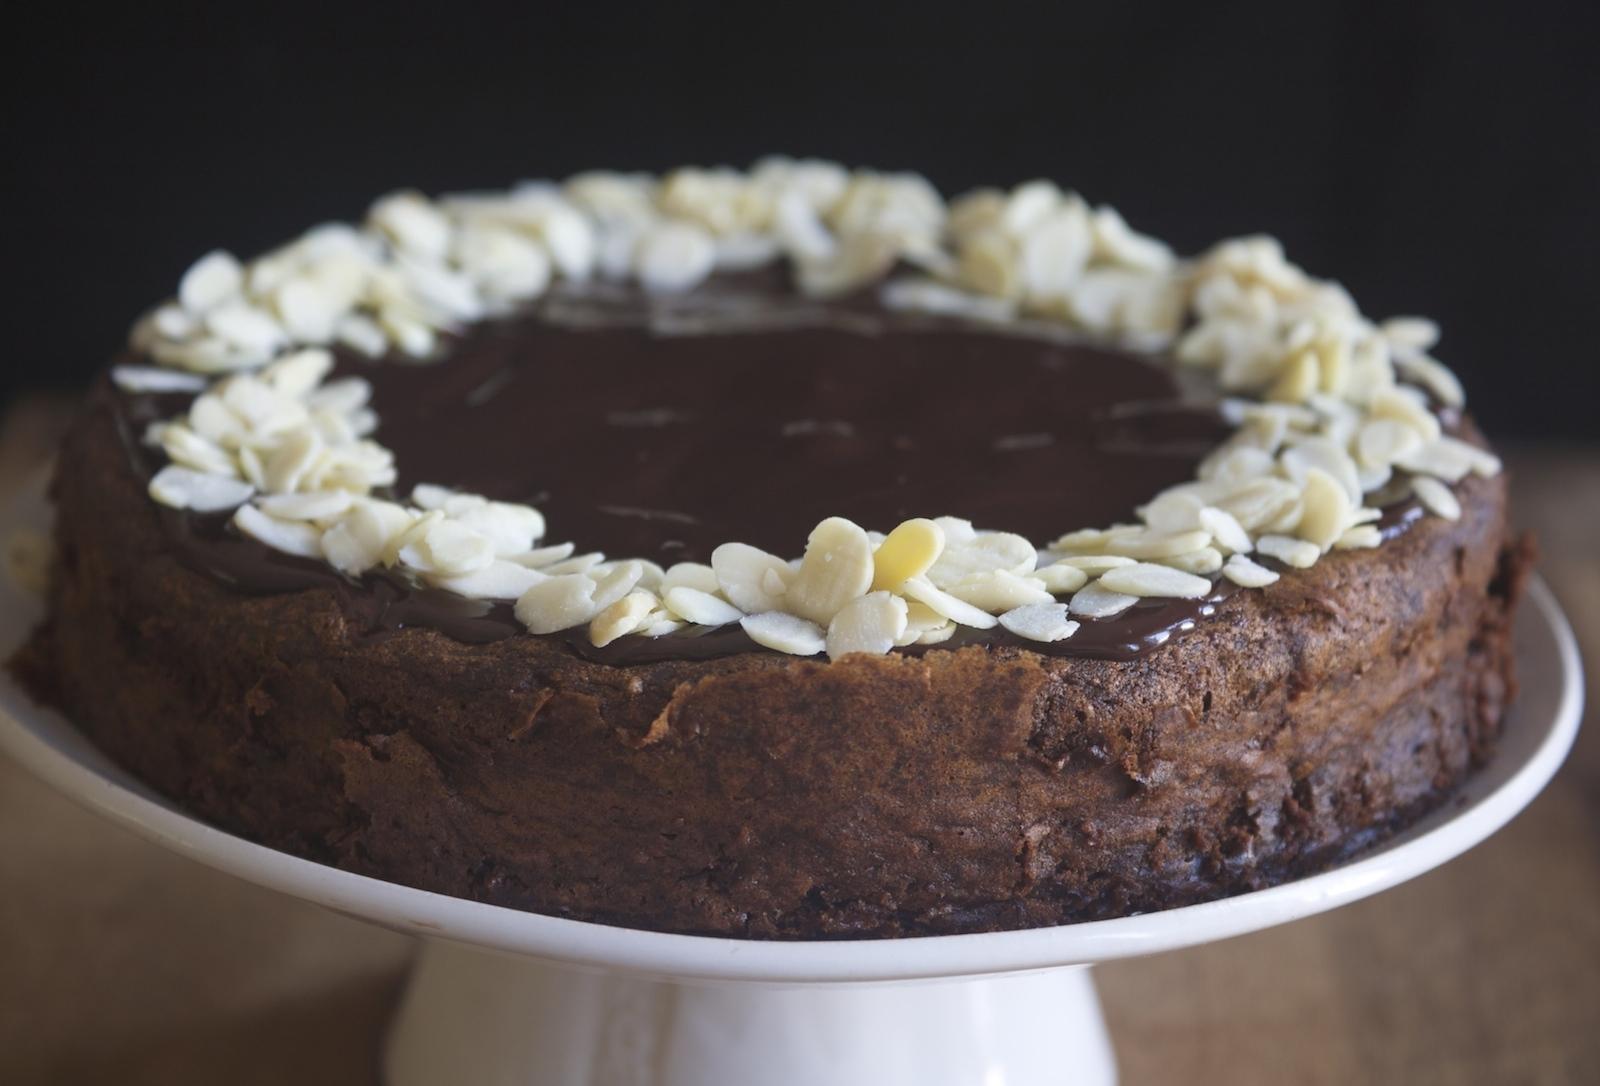 עוגת שוקולד שקדים ודבש ללא קמח - נשואה למאפייה קרן אגם